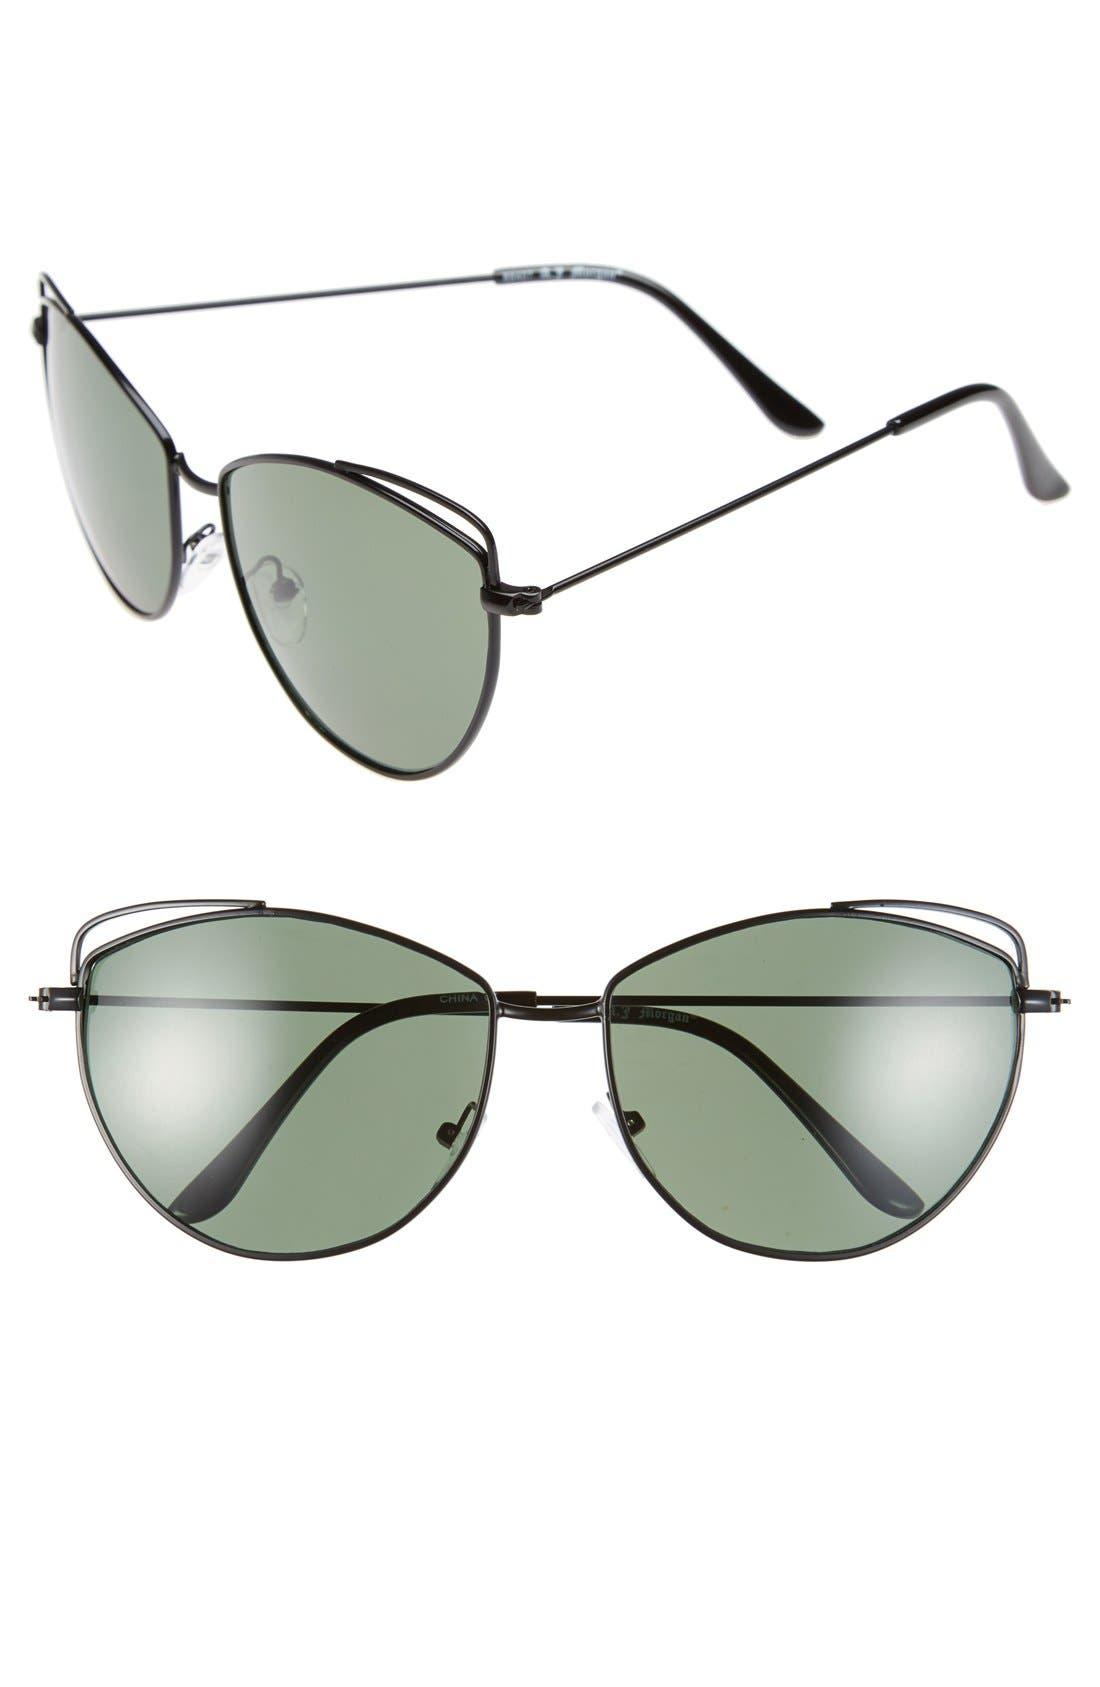 Main Image - A. J. Morgan 'Cute' 59mm Sunglasses